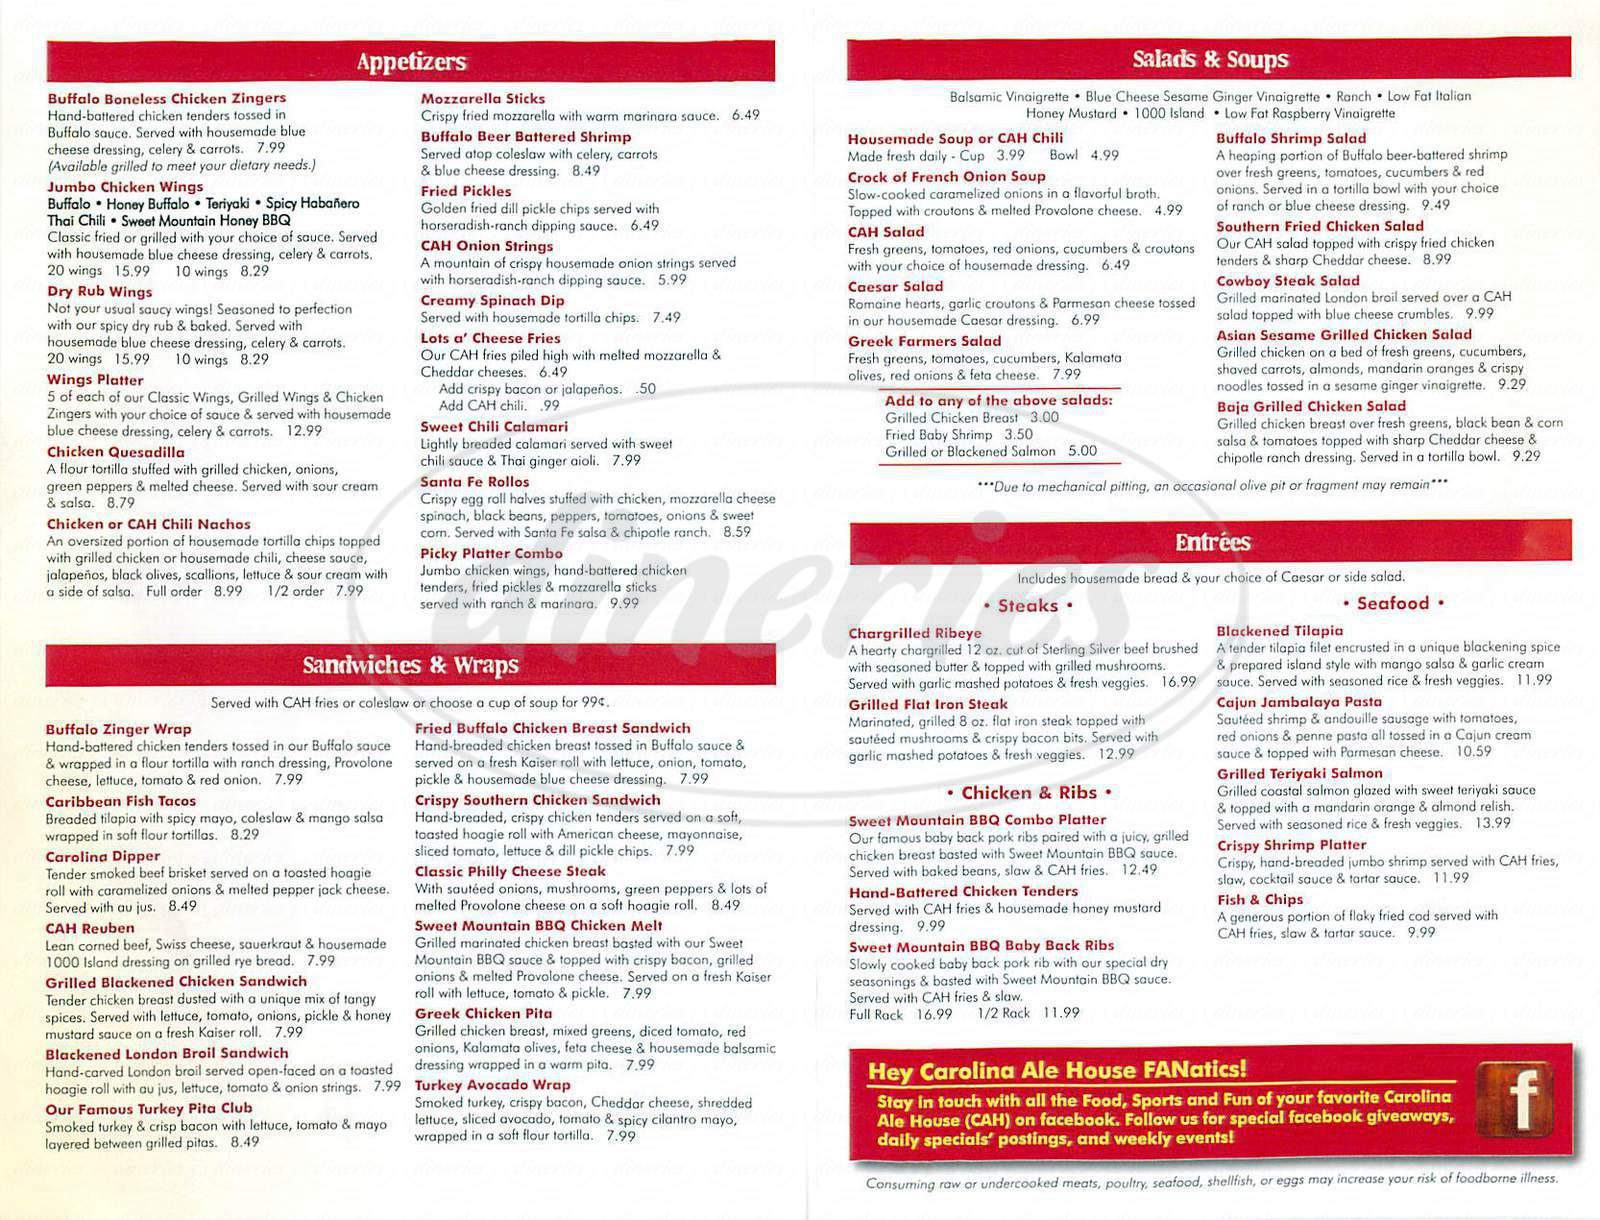 menu for Carolina Ale House